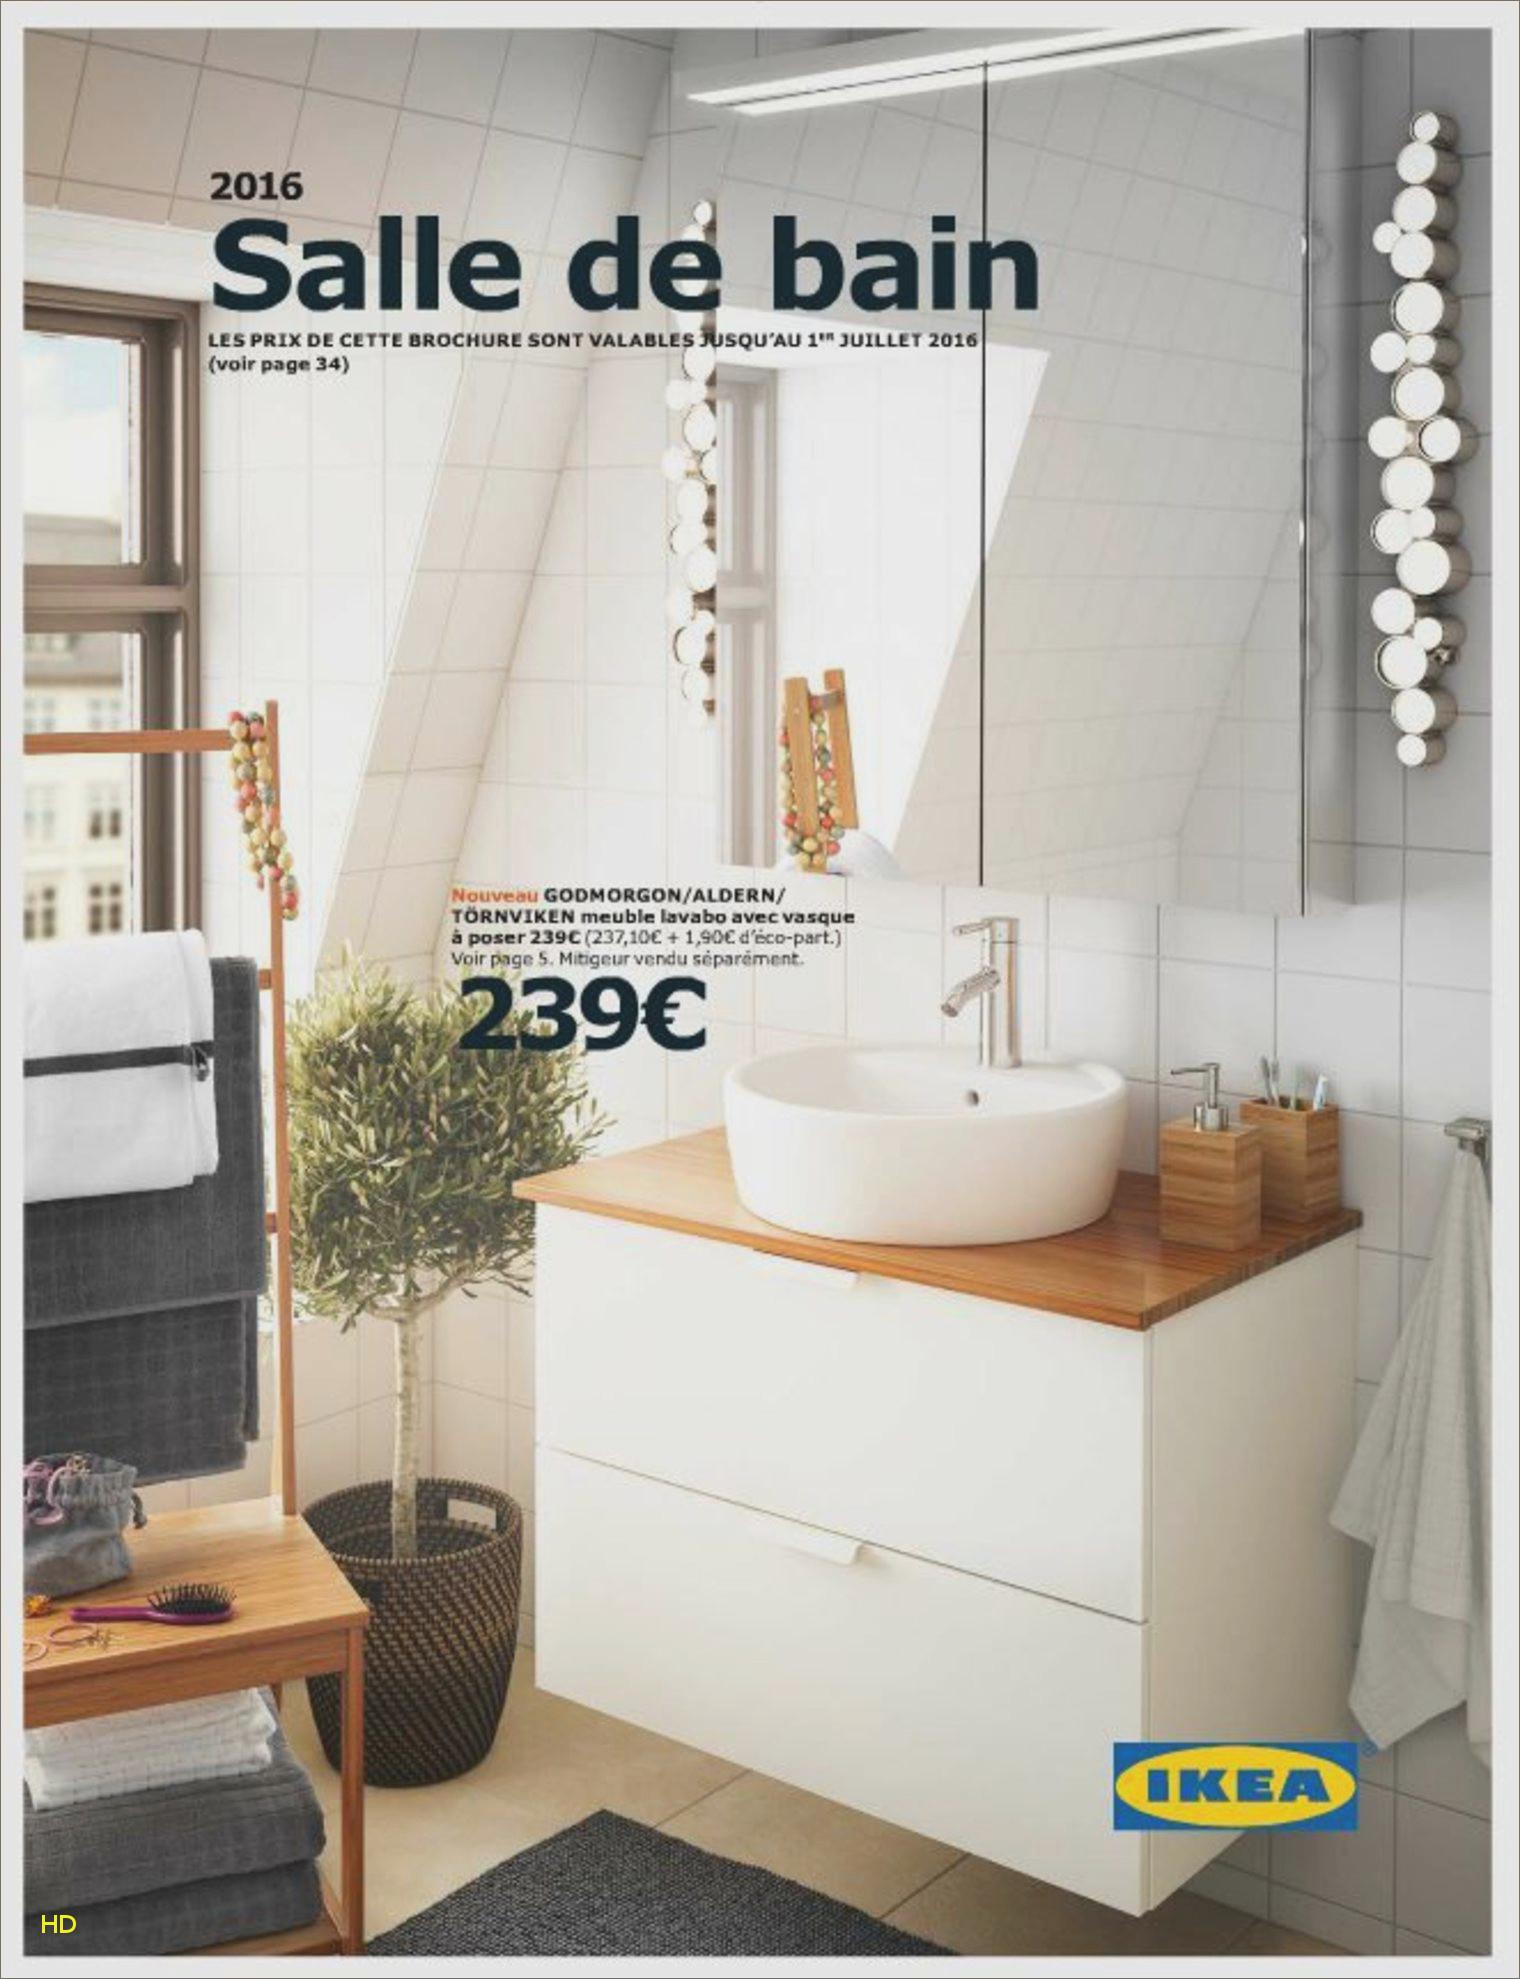 Meuble Salle De Bain Godmorgon Meilleur De Image Meubles Salle De Bain Ikea Luxe Meilleur De Ikea Salle Bain – the